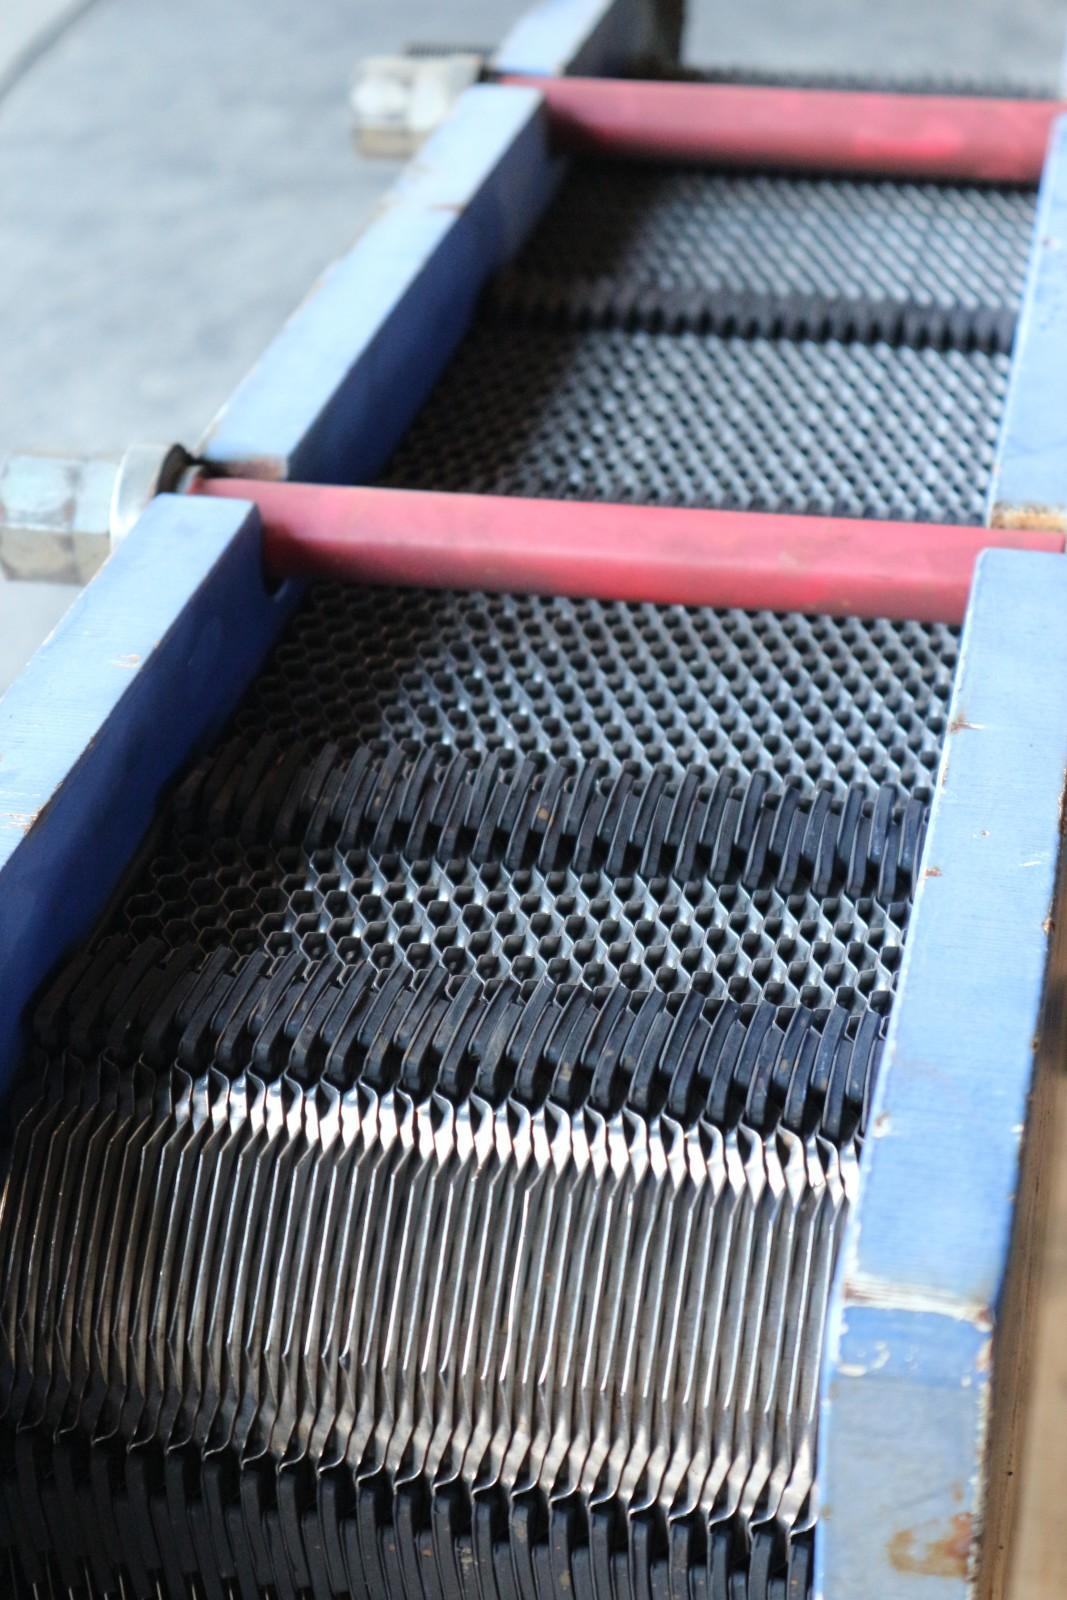 劣化したプレート式熱交換器